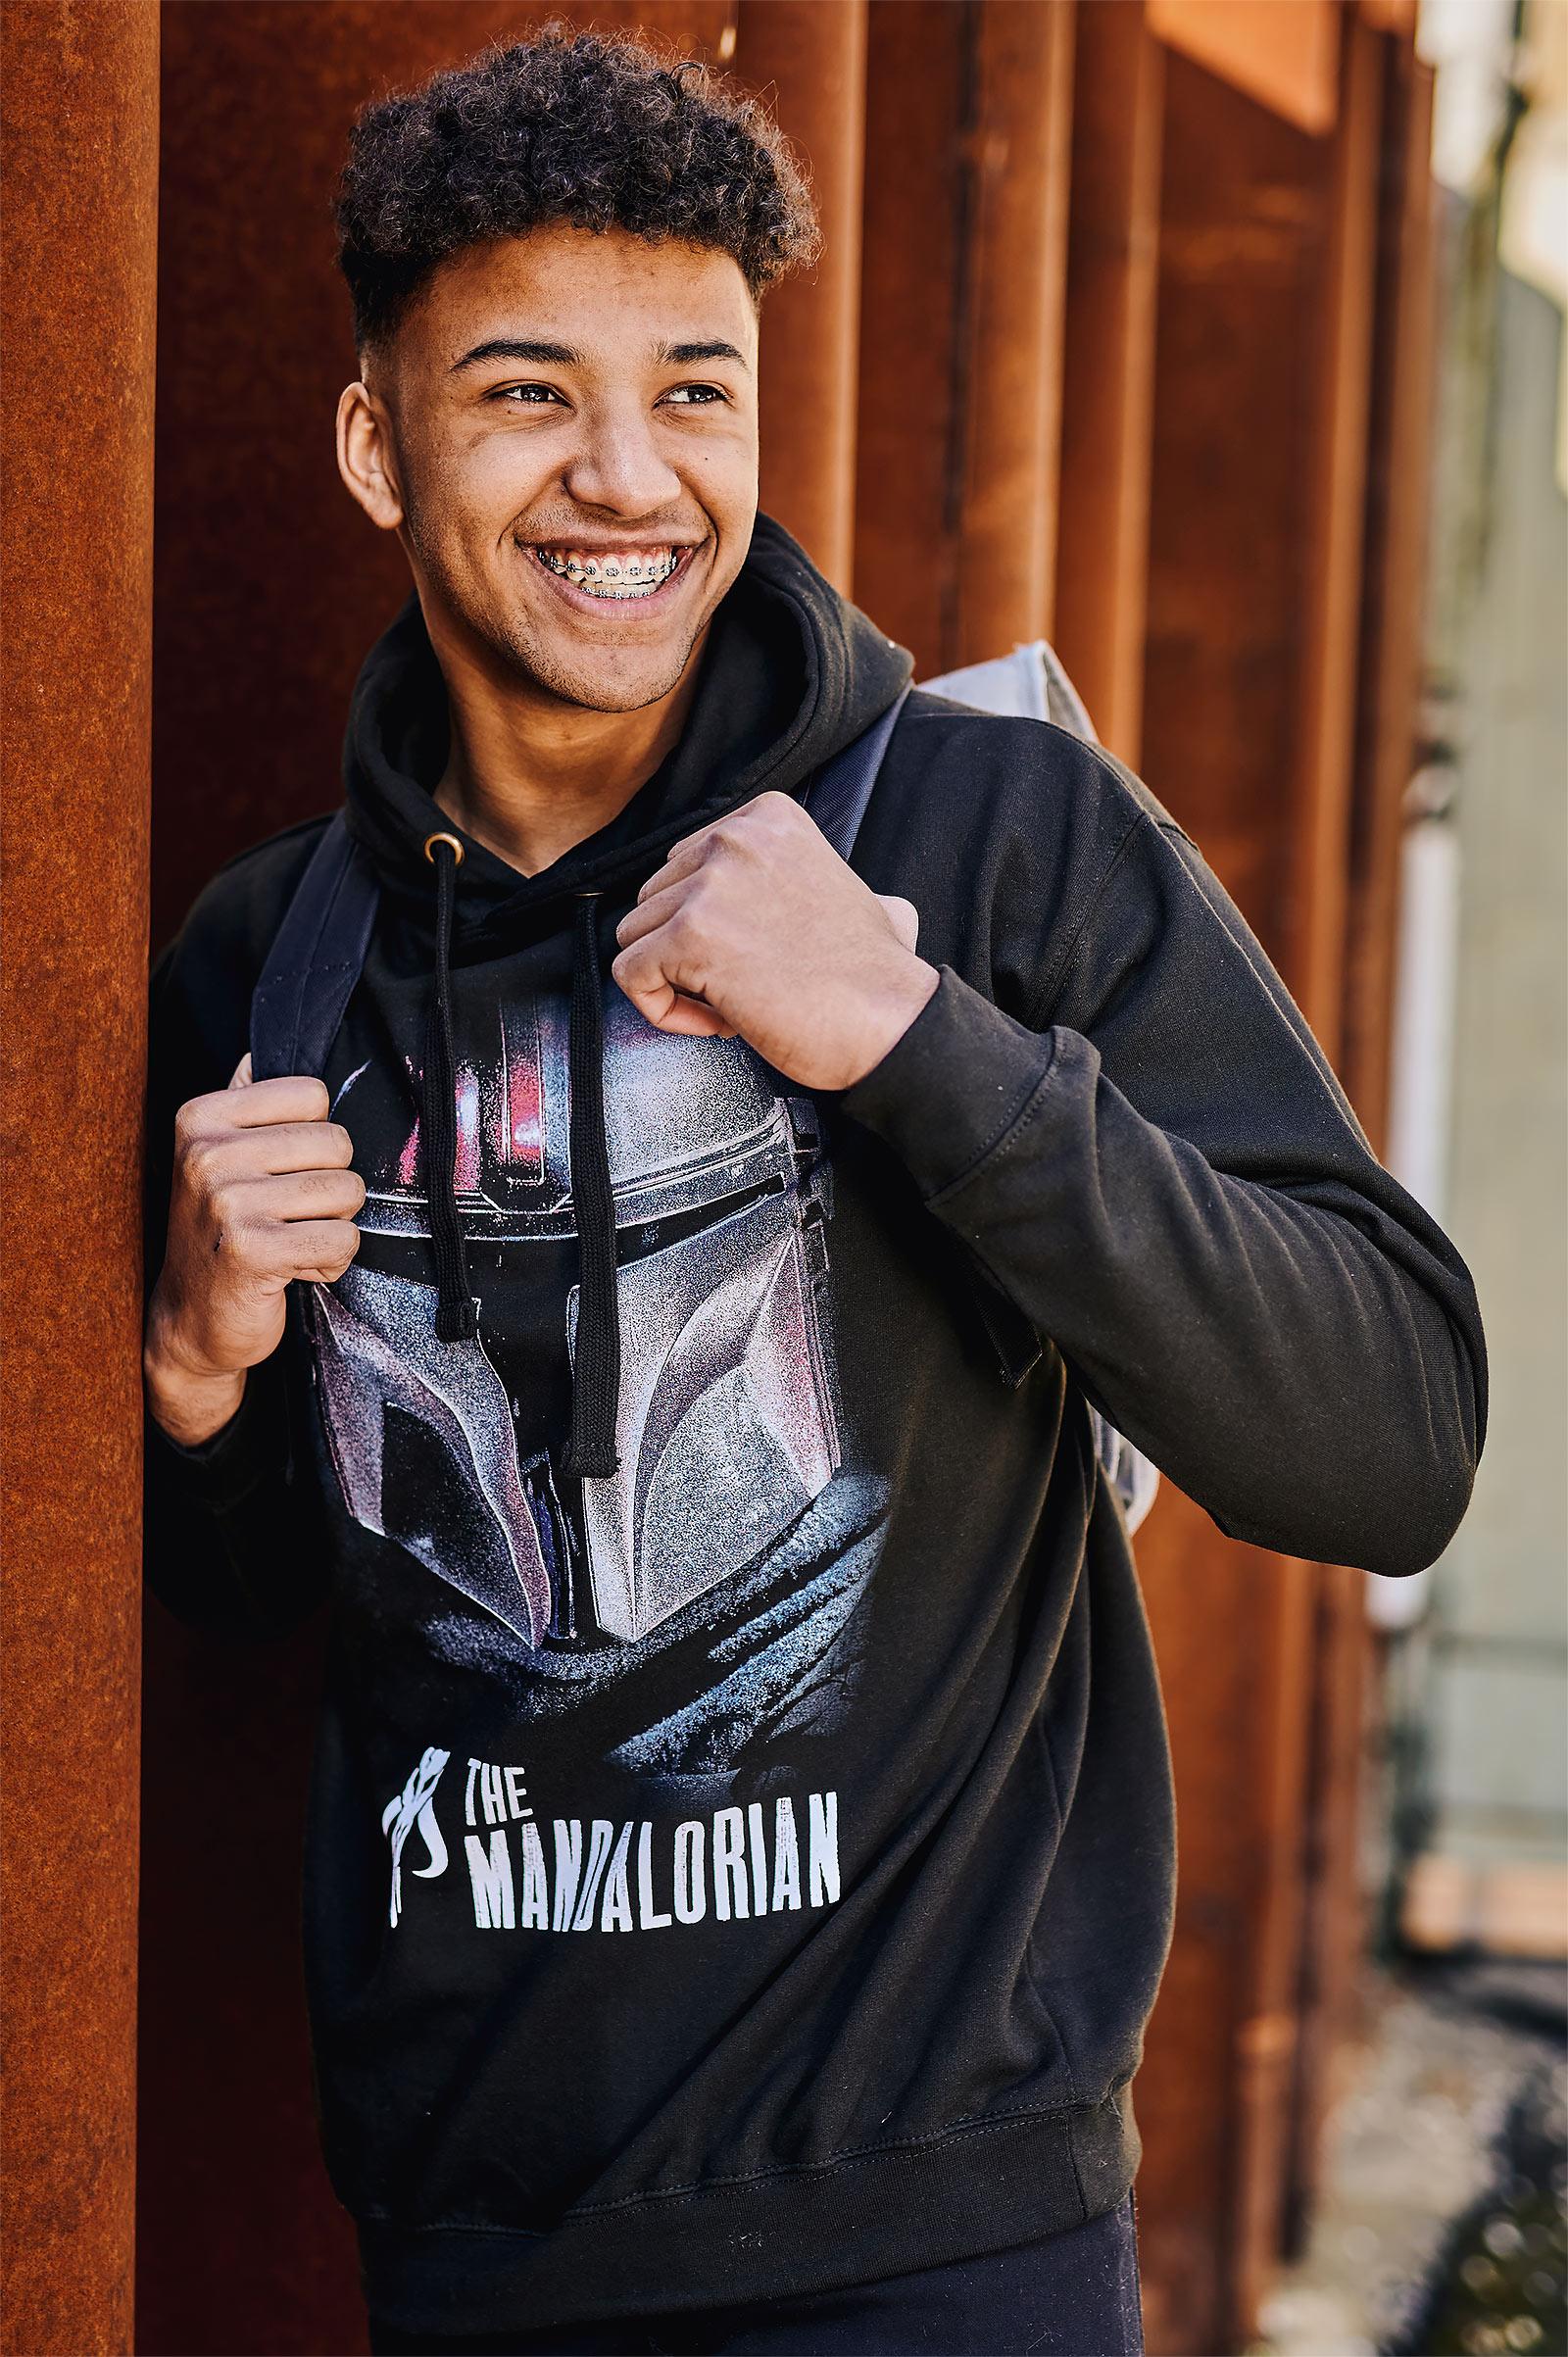 The Mandalorian Dark Warrior Hoodie schwarz - Star Wars